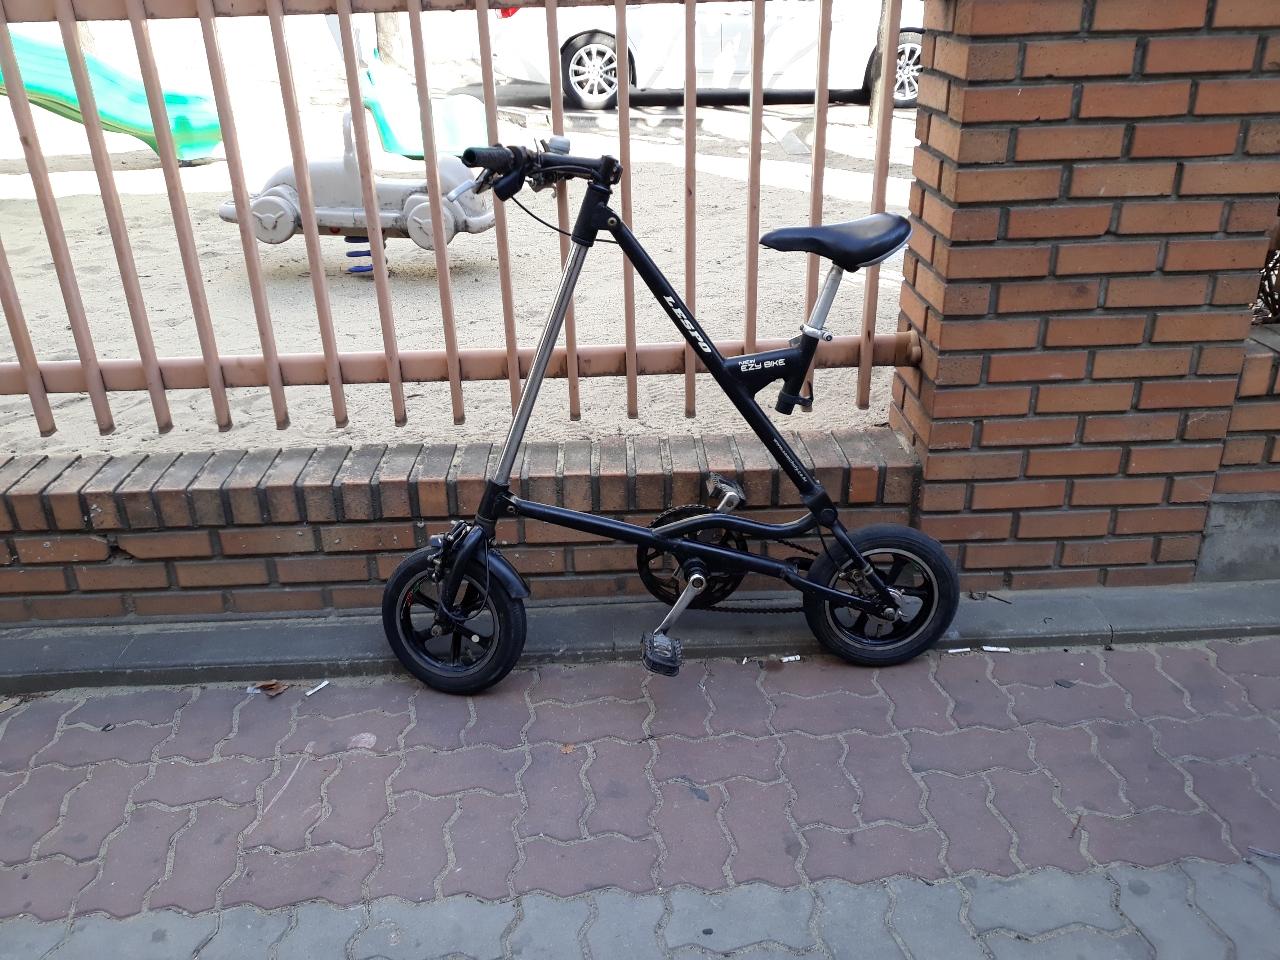 573번. 뉴 이지 바이크 자전거. 하자있어요